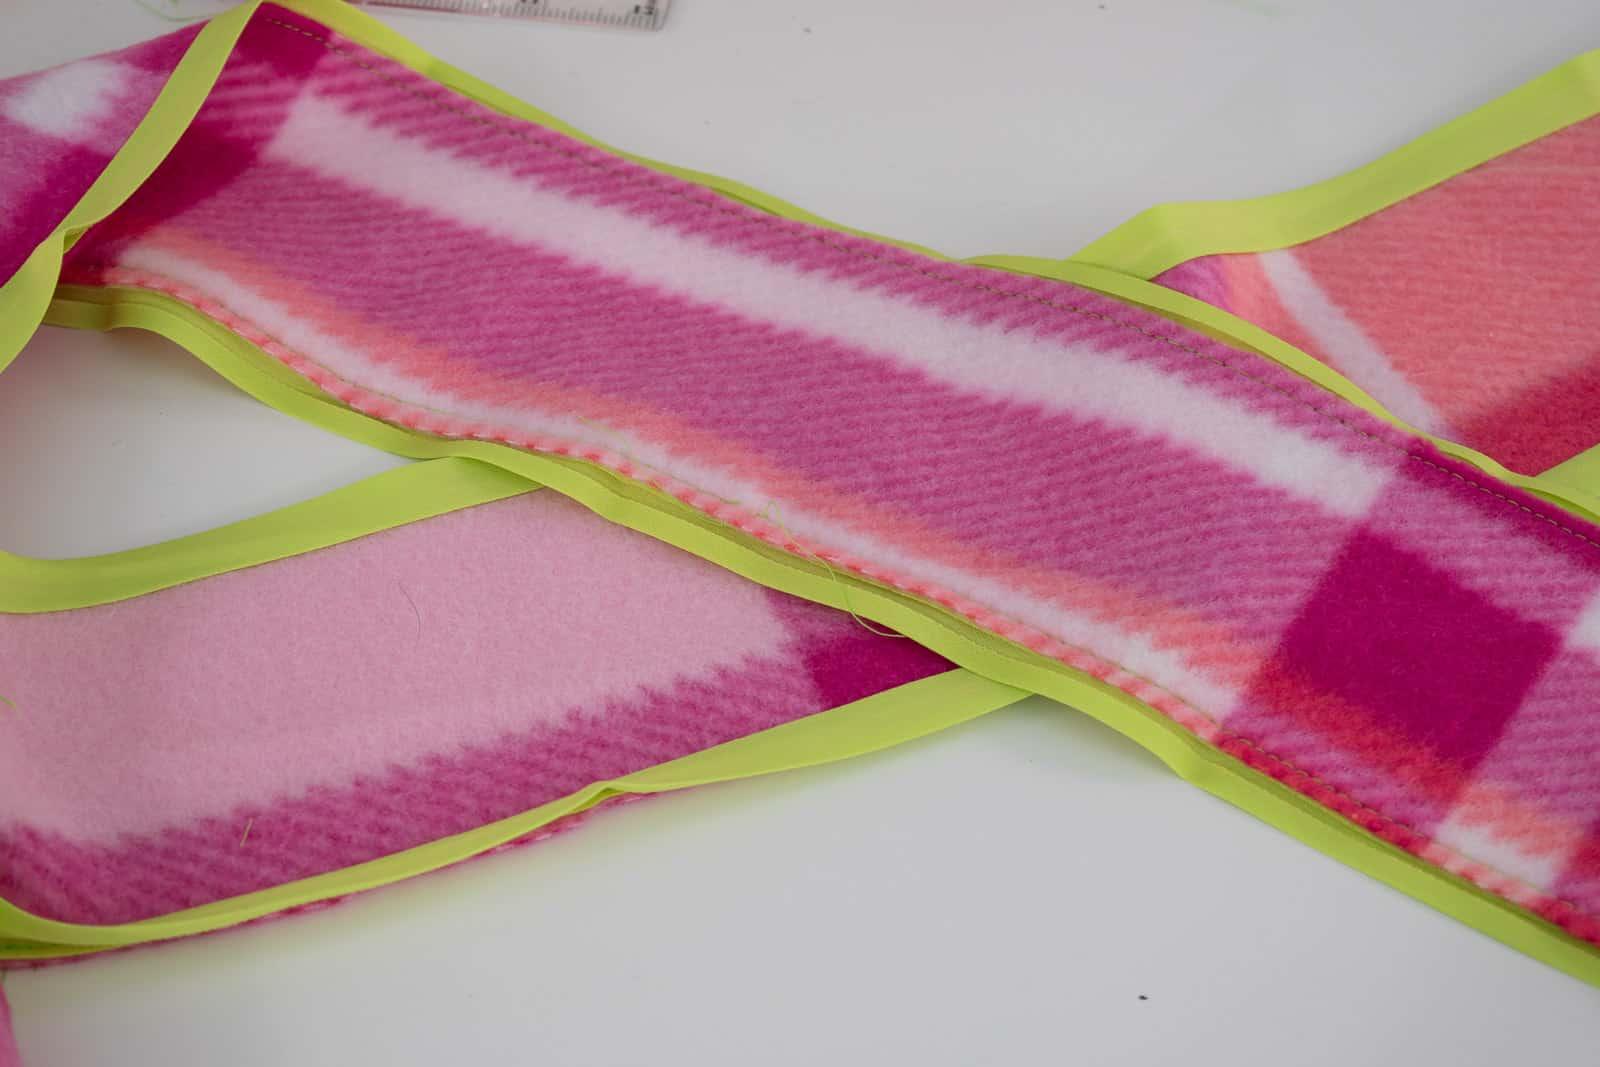 sew bias tape on ribbon edges